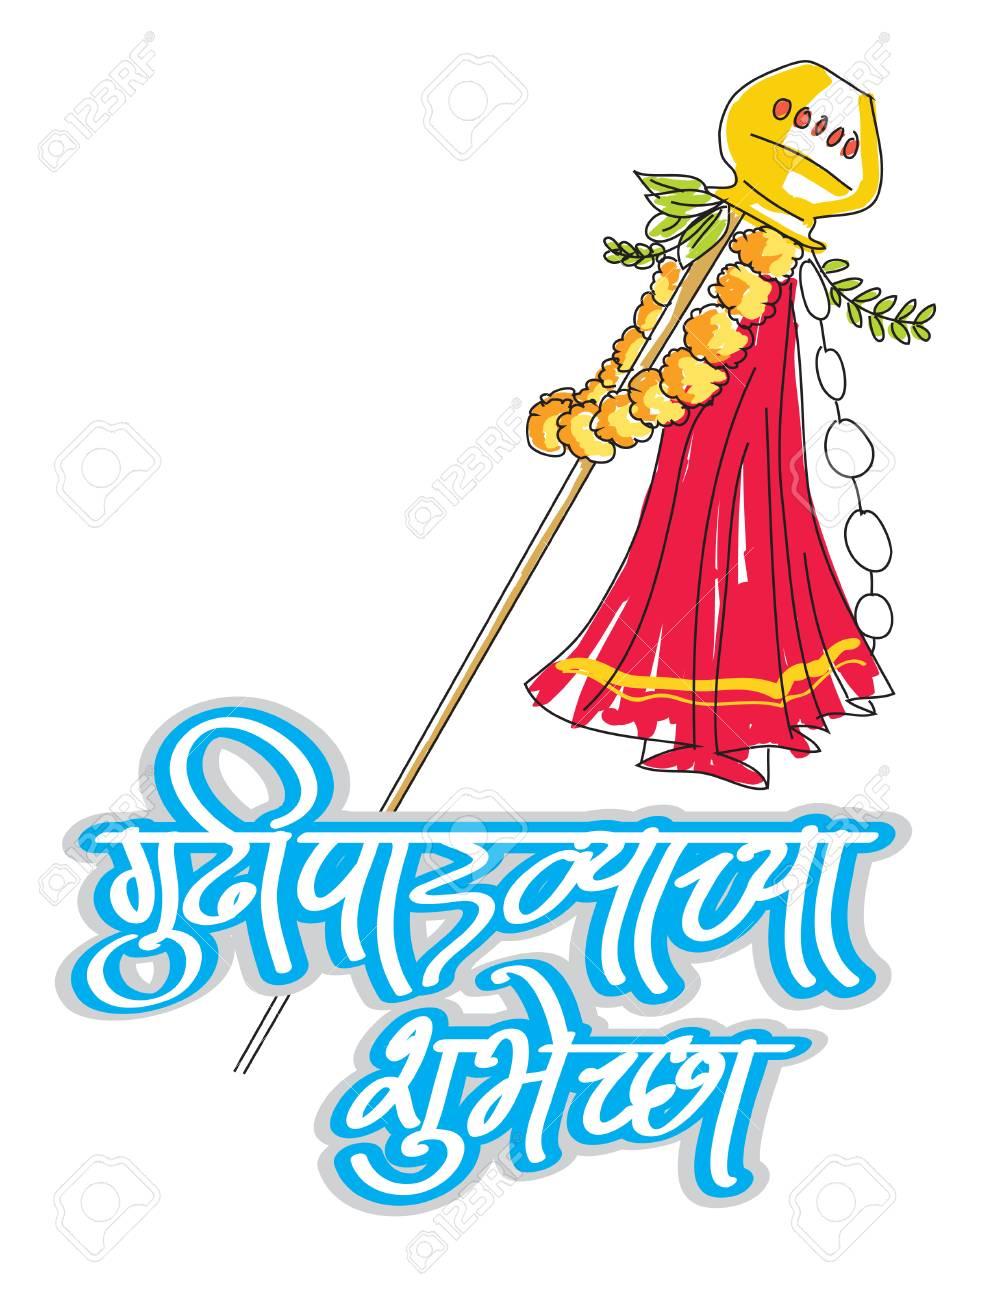 Happy Gudi Padwa;.